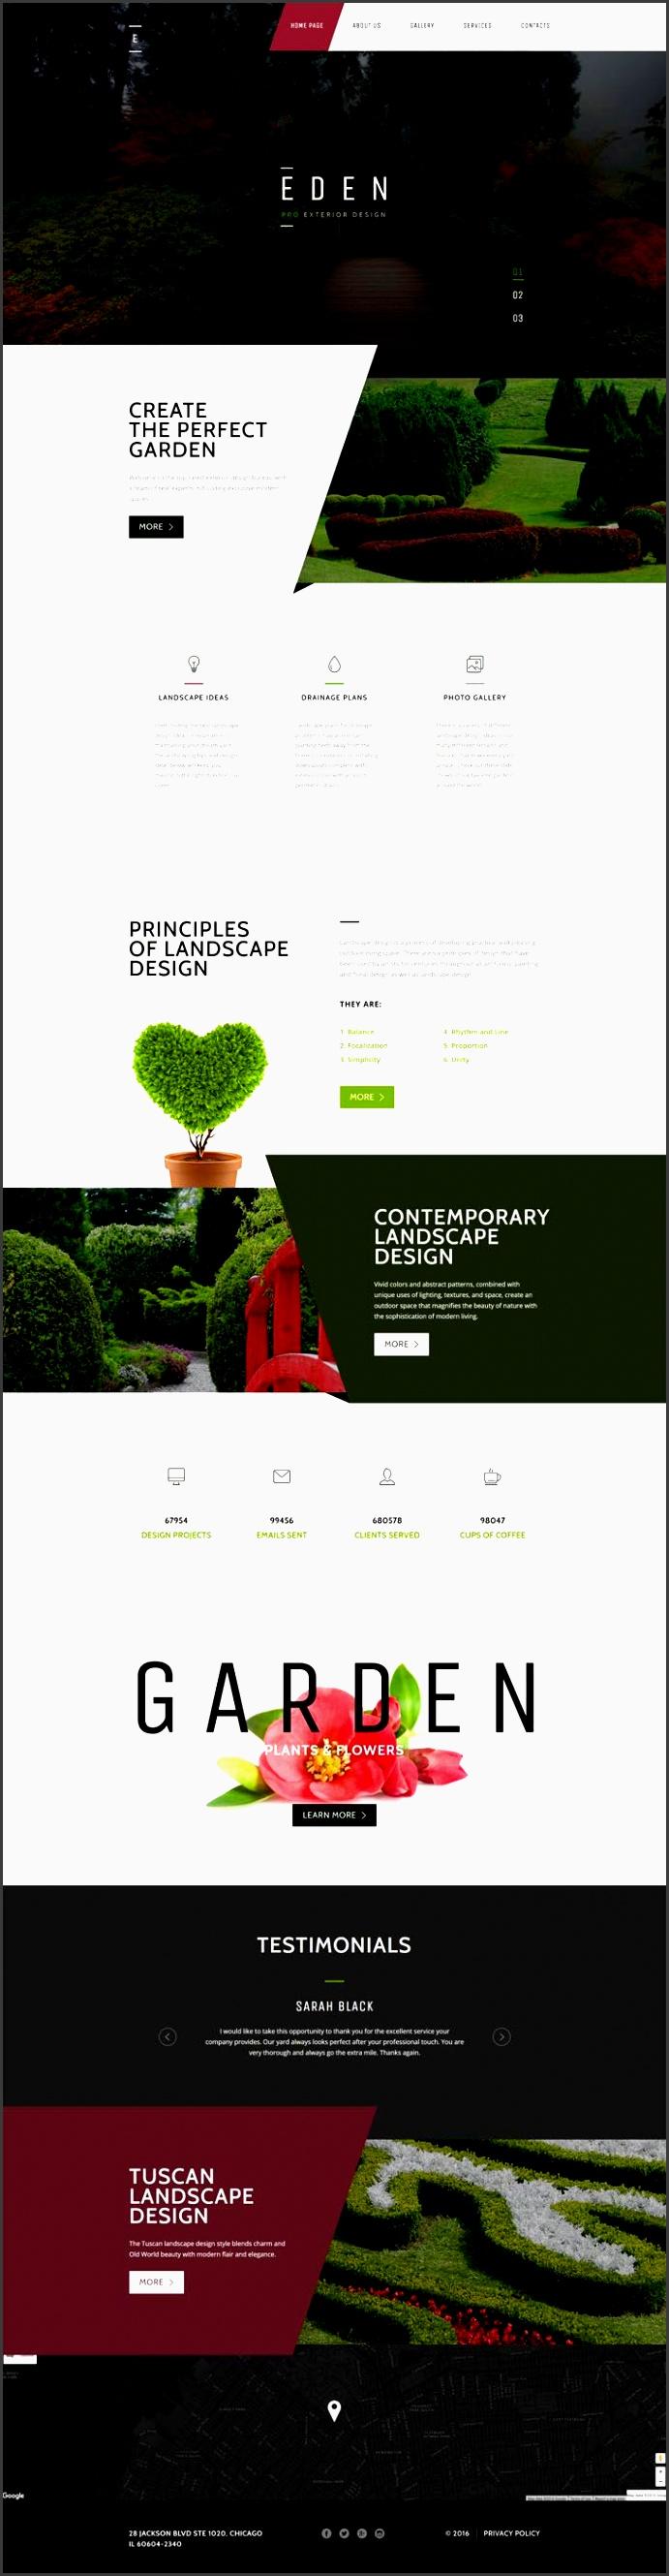 garden design responsive website templaterden website template free plant nursery website template free landscaping website templates